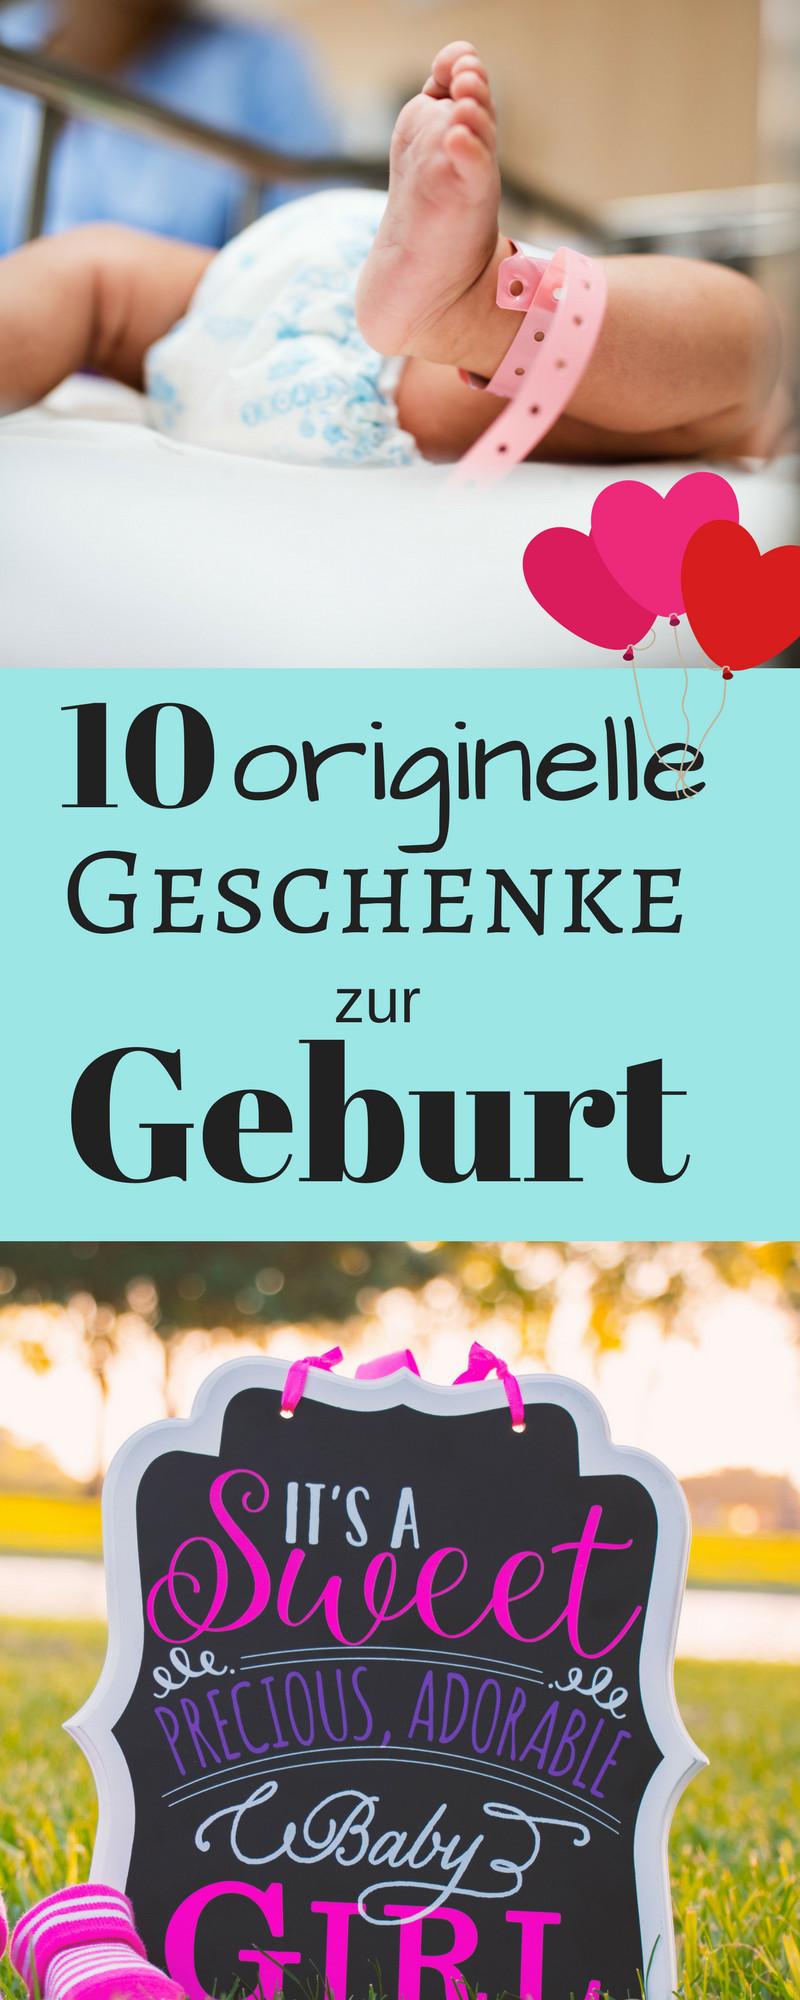 Originelle Geschenke Zur Geburt  10 originelle Geschenke zur Geburt für Mädchen & Jungs